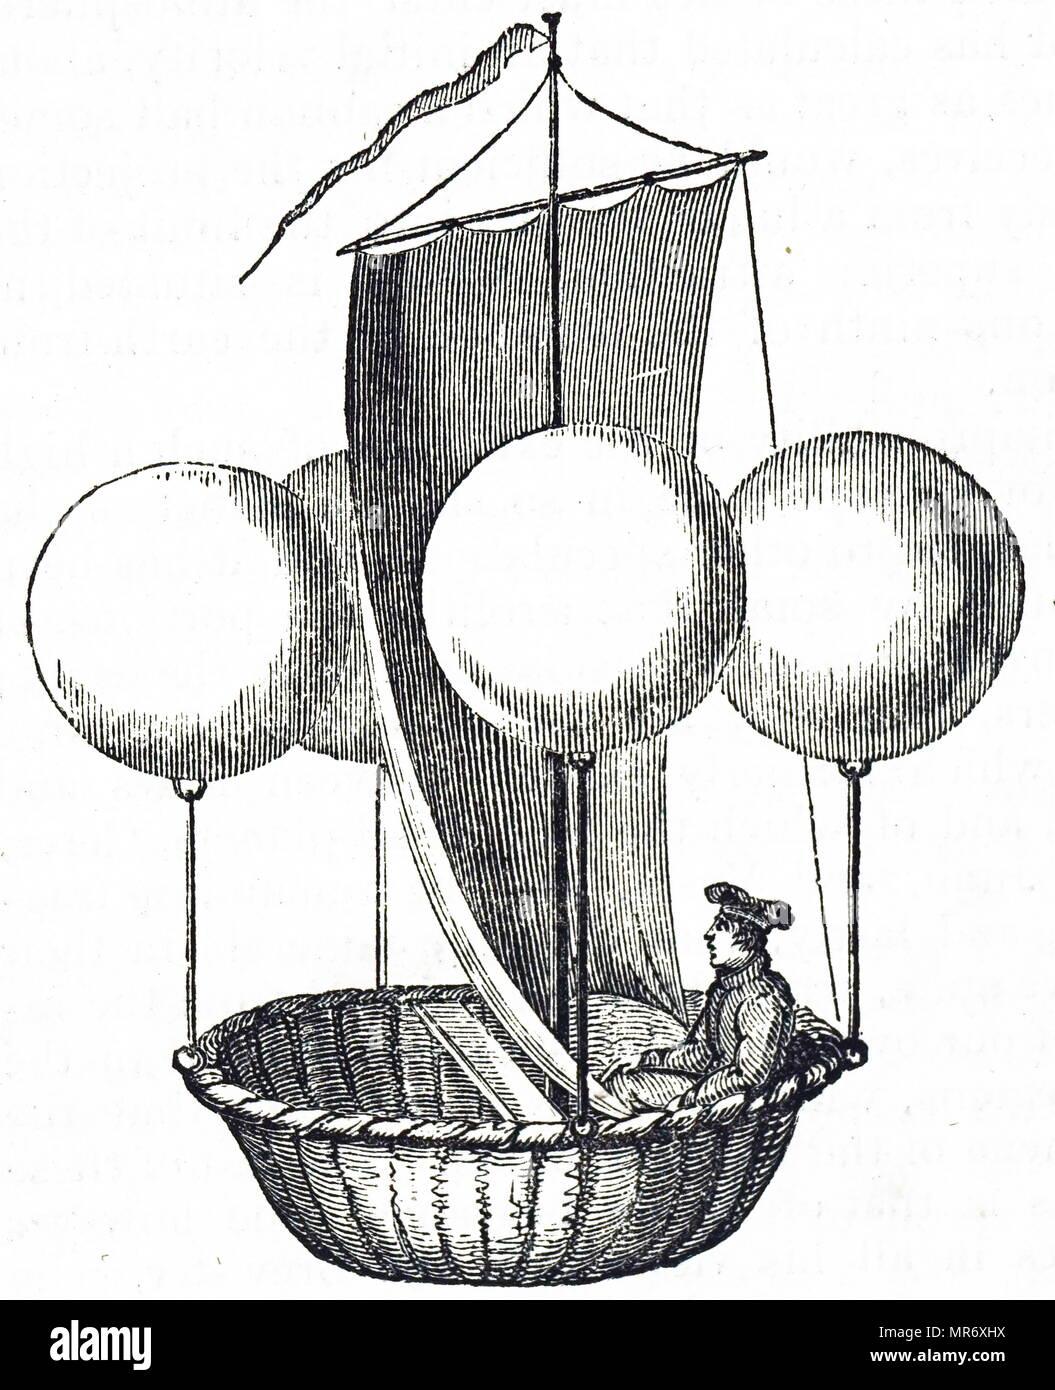 Gravure représentant Francesco de Lana Terzi's Flying Boat concept. Francesco de Lana Terzi (1631-1687) un prêtre jésuite, mathématicien et naturaliste, pionnier de l'aéronautique. En date du 19e siècle Photo Stock